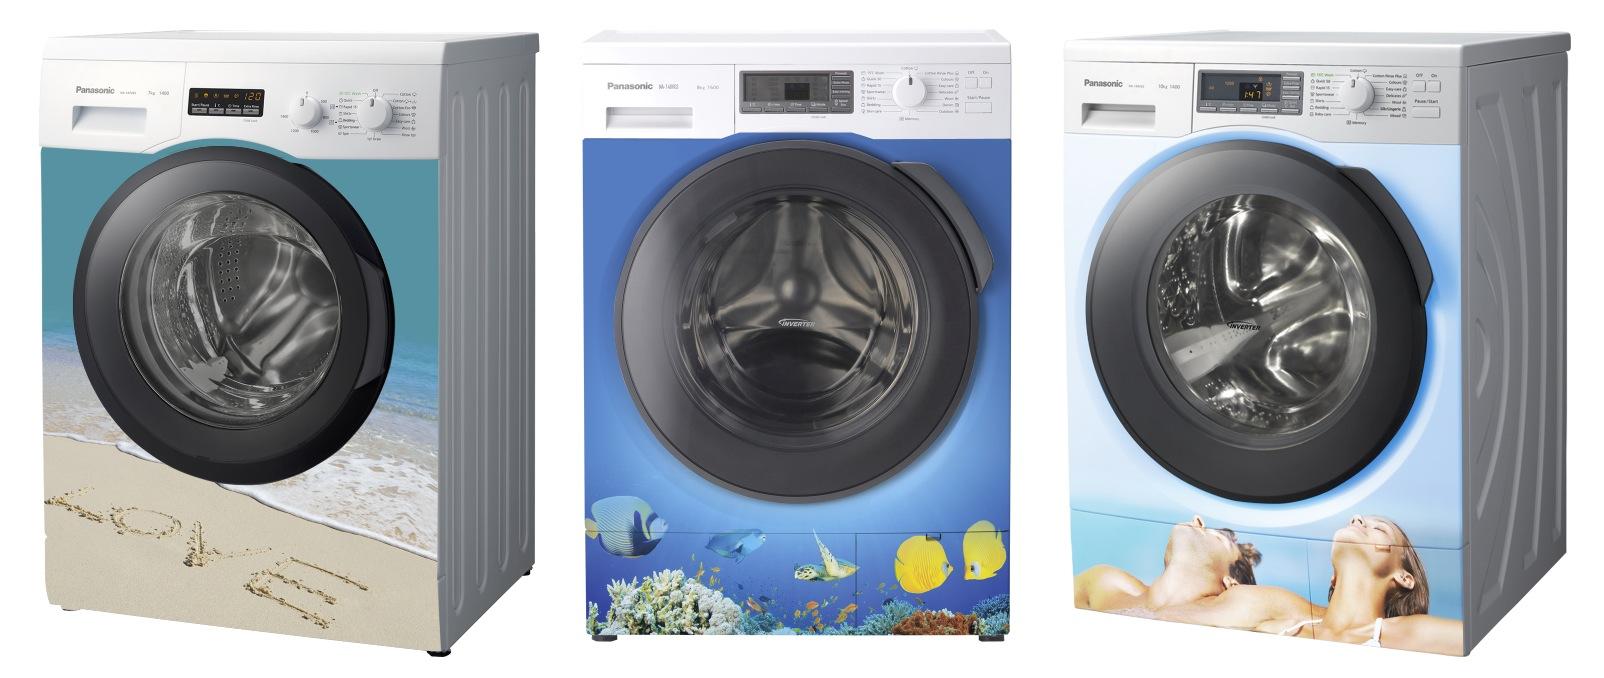 Panasonic Çamaşır Makineleri Banyoları Renklendirecek